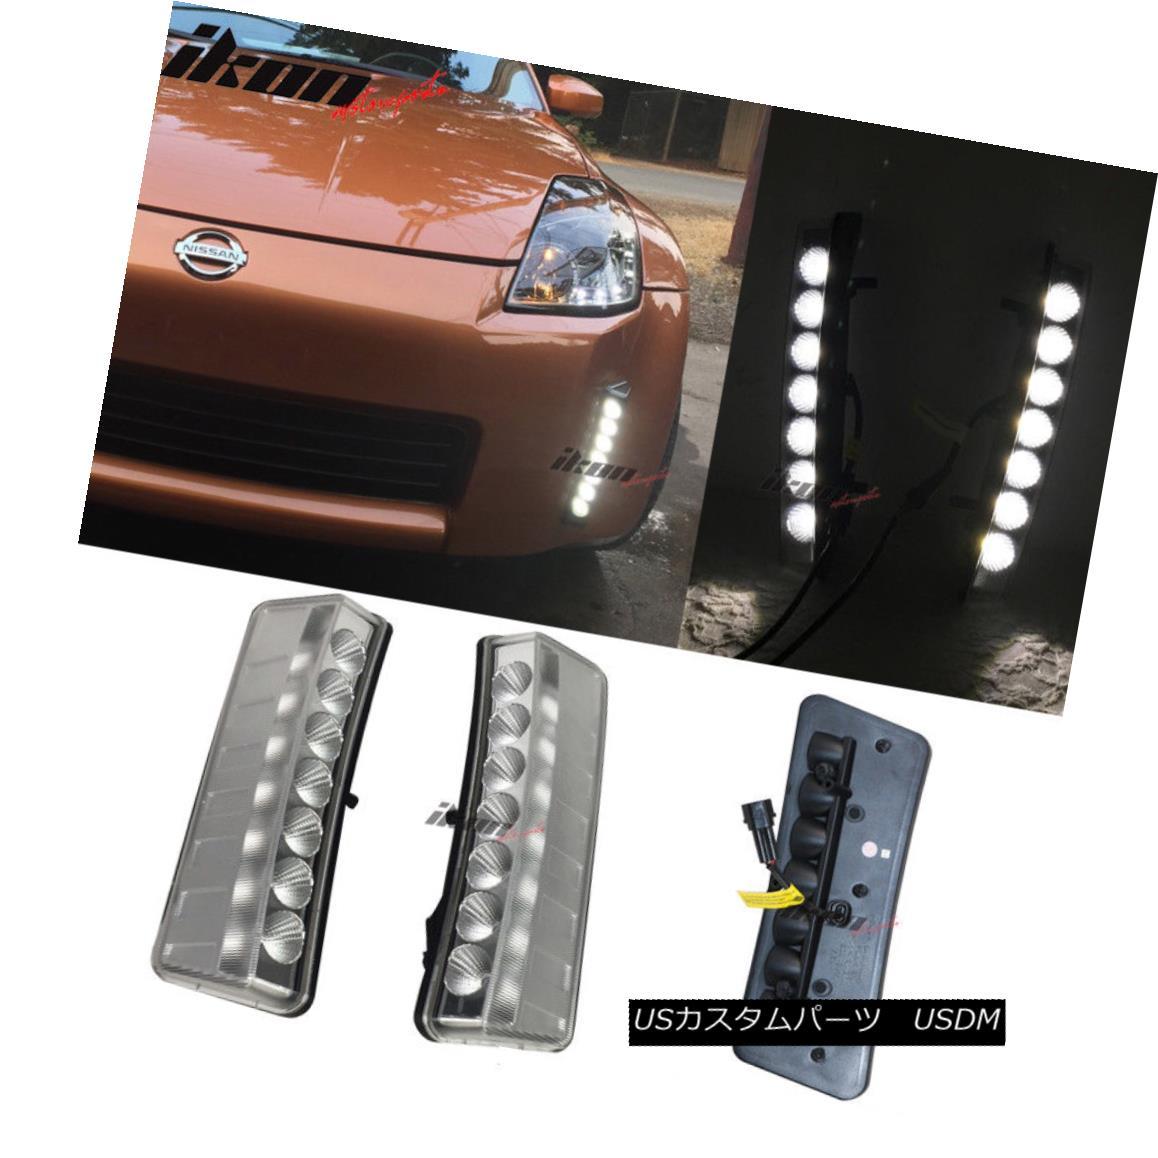 超大特価 エアロパーツ Fit 03-05 350Z Clear 7-LED Front Bumper Reflector Daytime Running Lights DRL フィット03-05 350Zクリア7 LEDフロントバンパーリフレクターデイタイムランニングライトDRL, 豊橋市 4a18da52